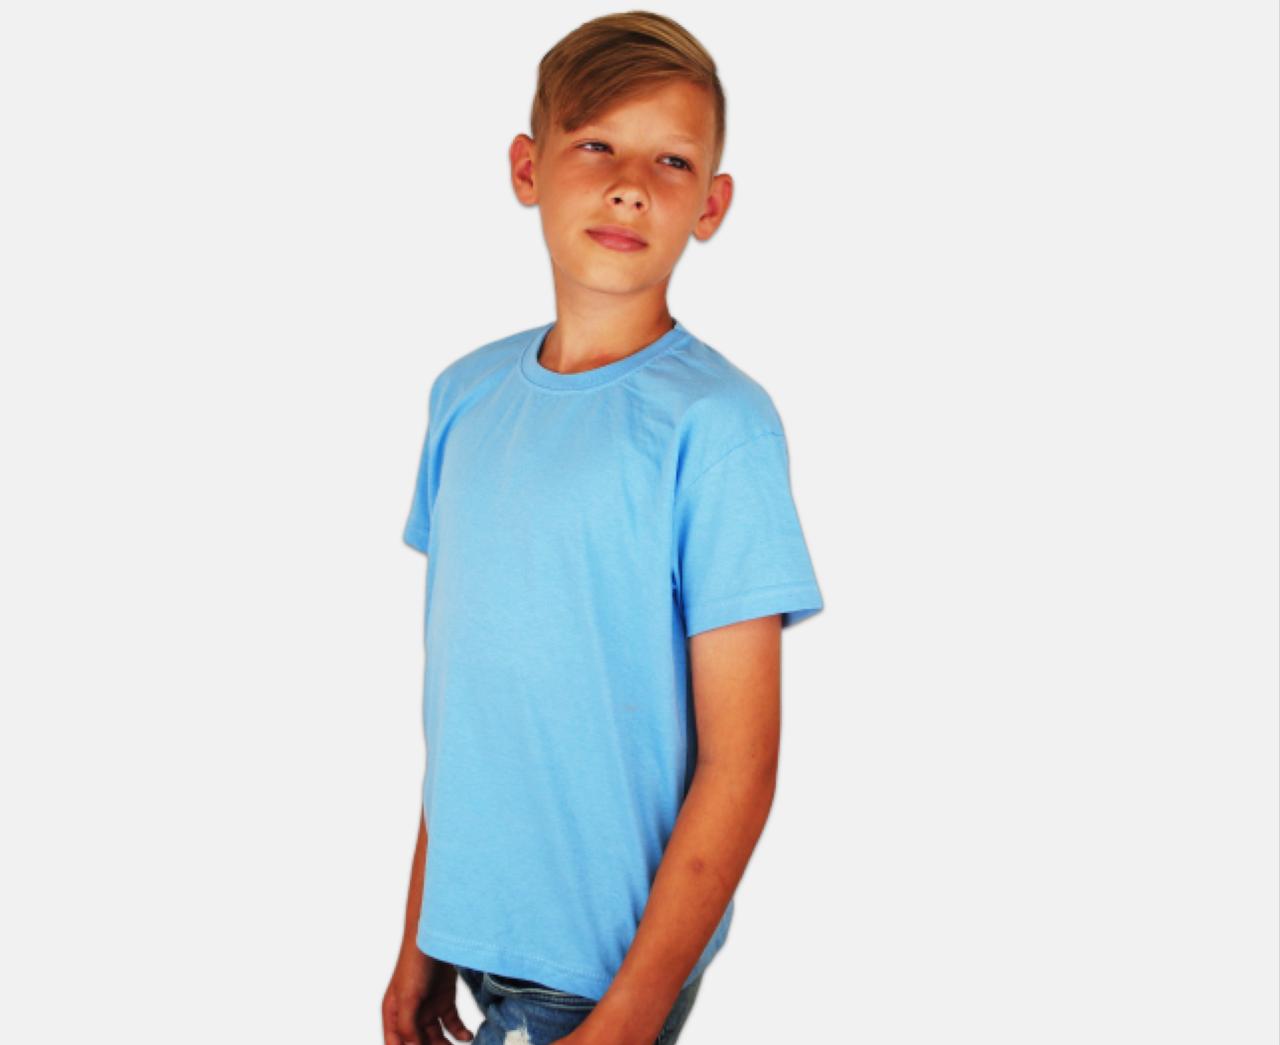 Детская Классическая Футболка для Мальчиков Небесно-голубая Fruit of the loom 61-033-YT 12-13